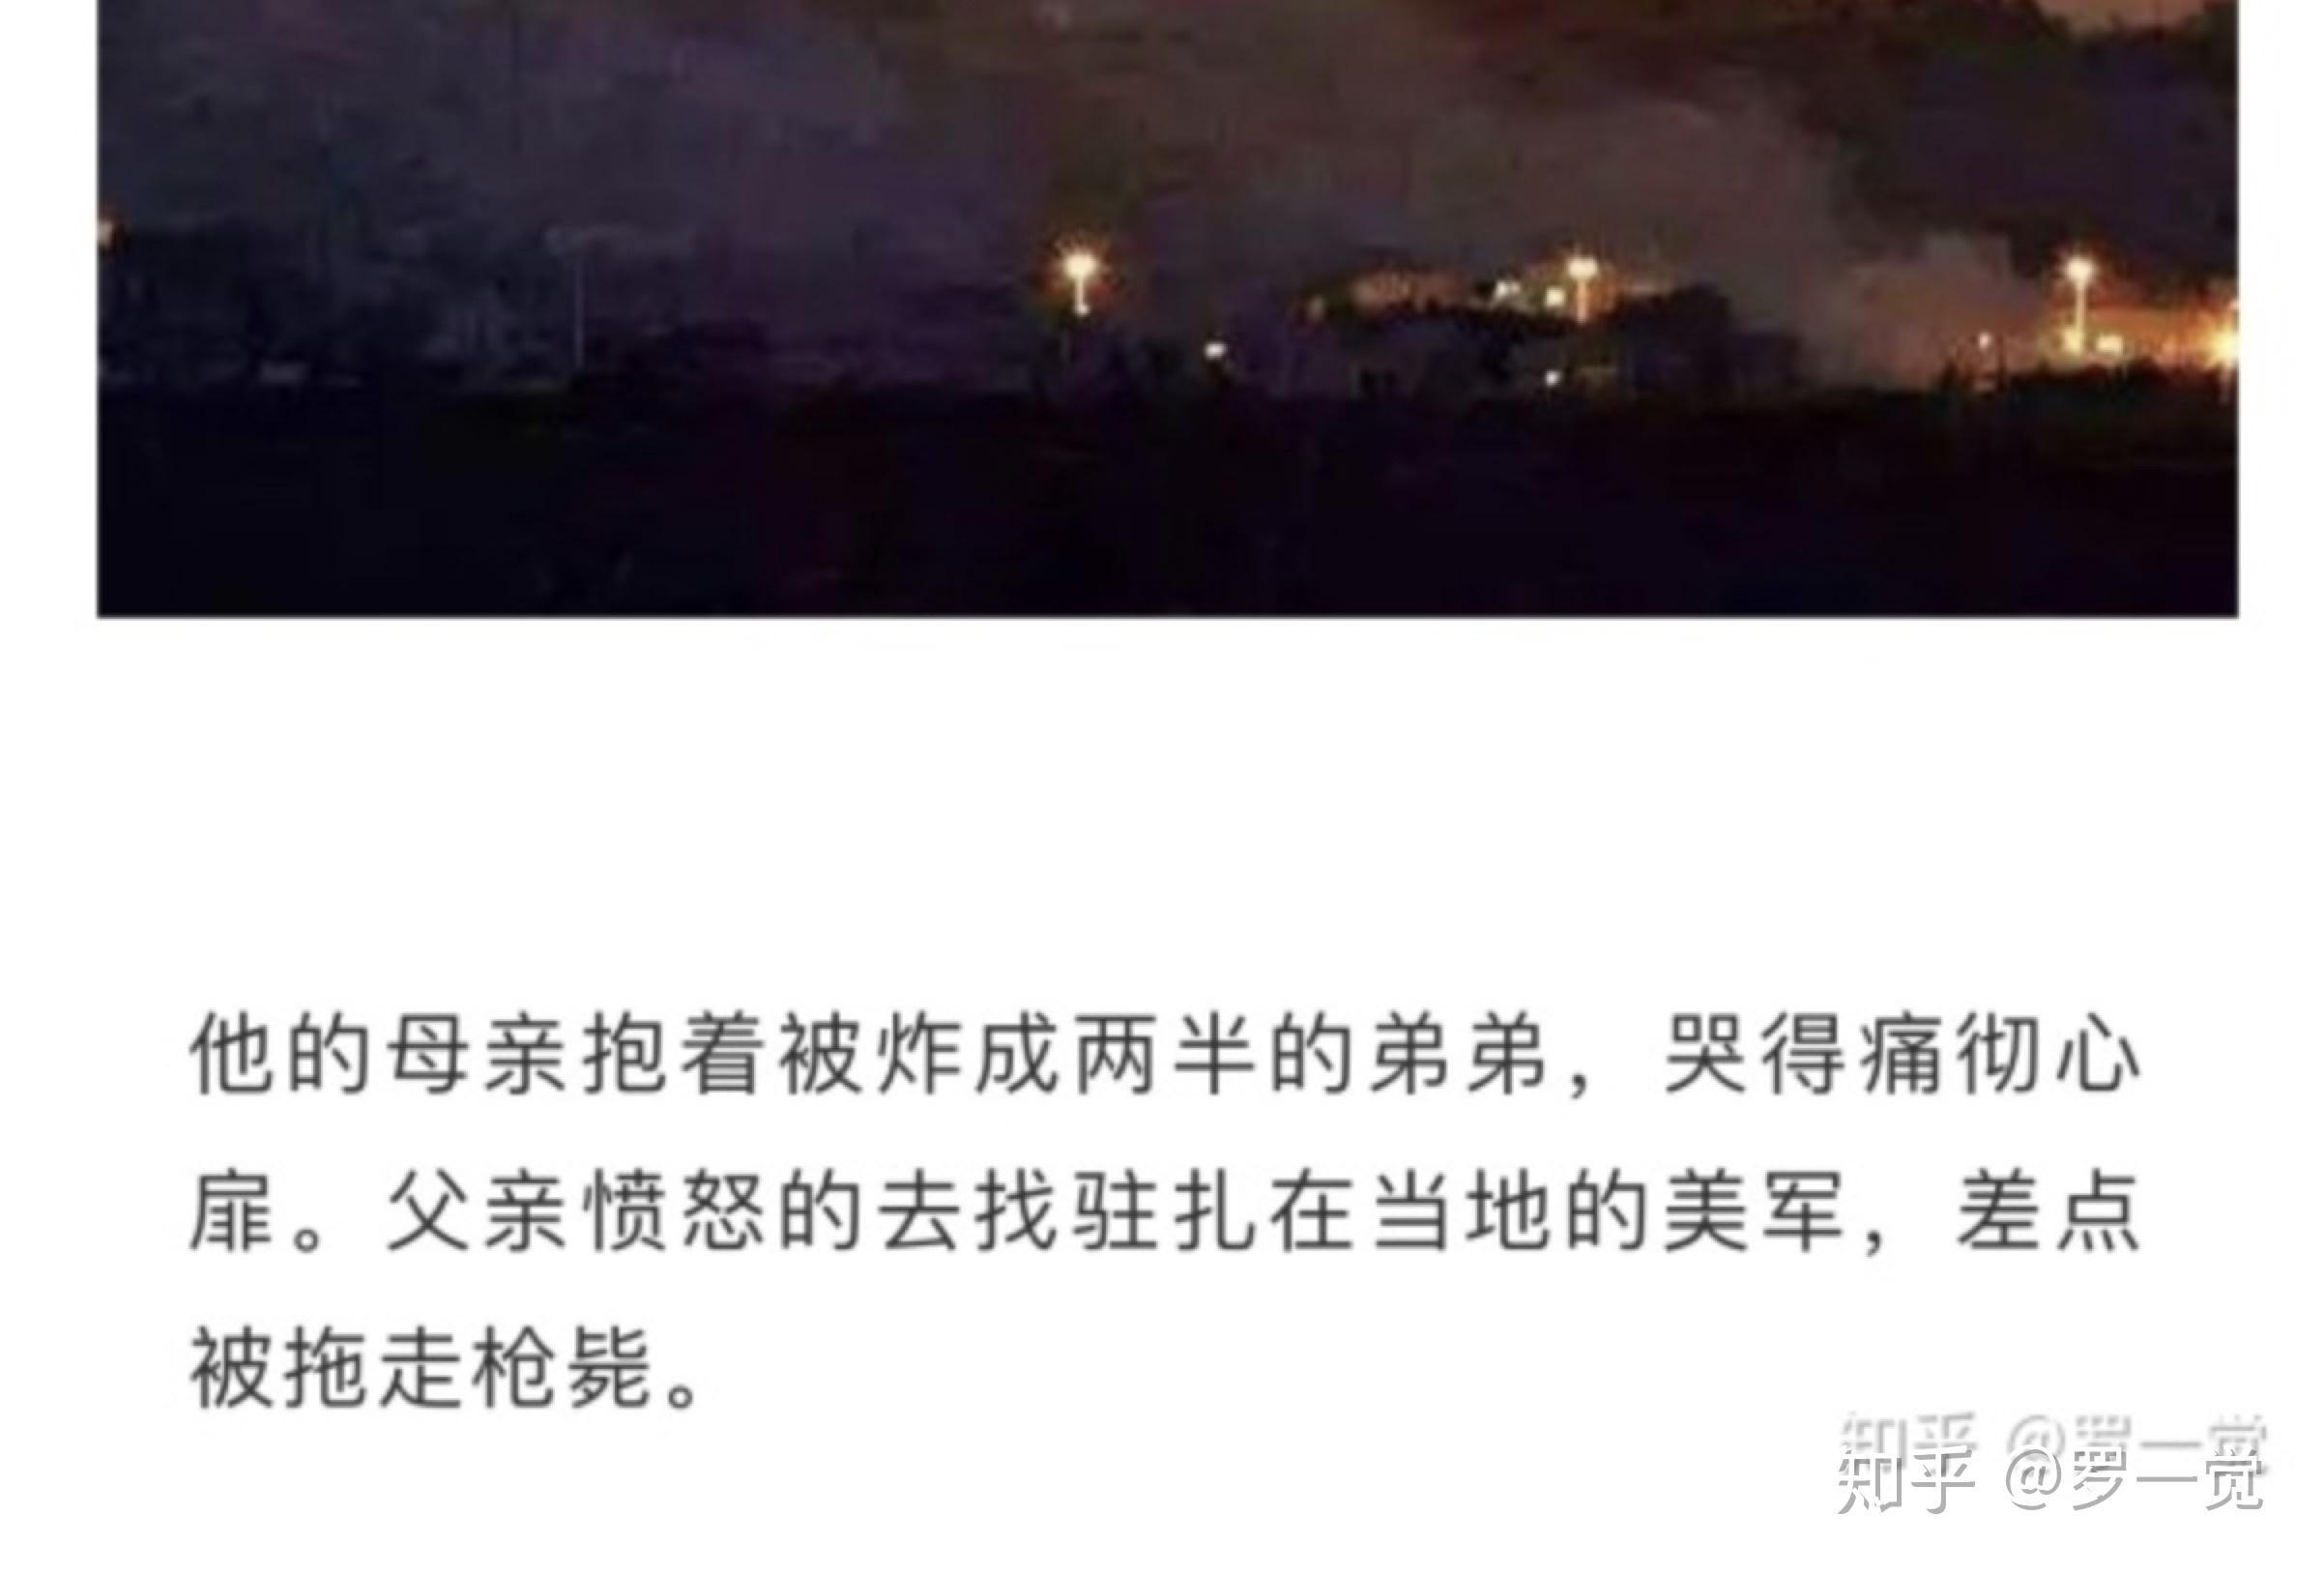 视频号朋友《我给叙利亚的文章看除夕中国放鞭玩火屁公众图片